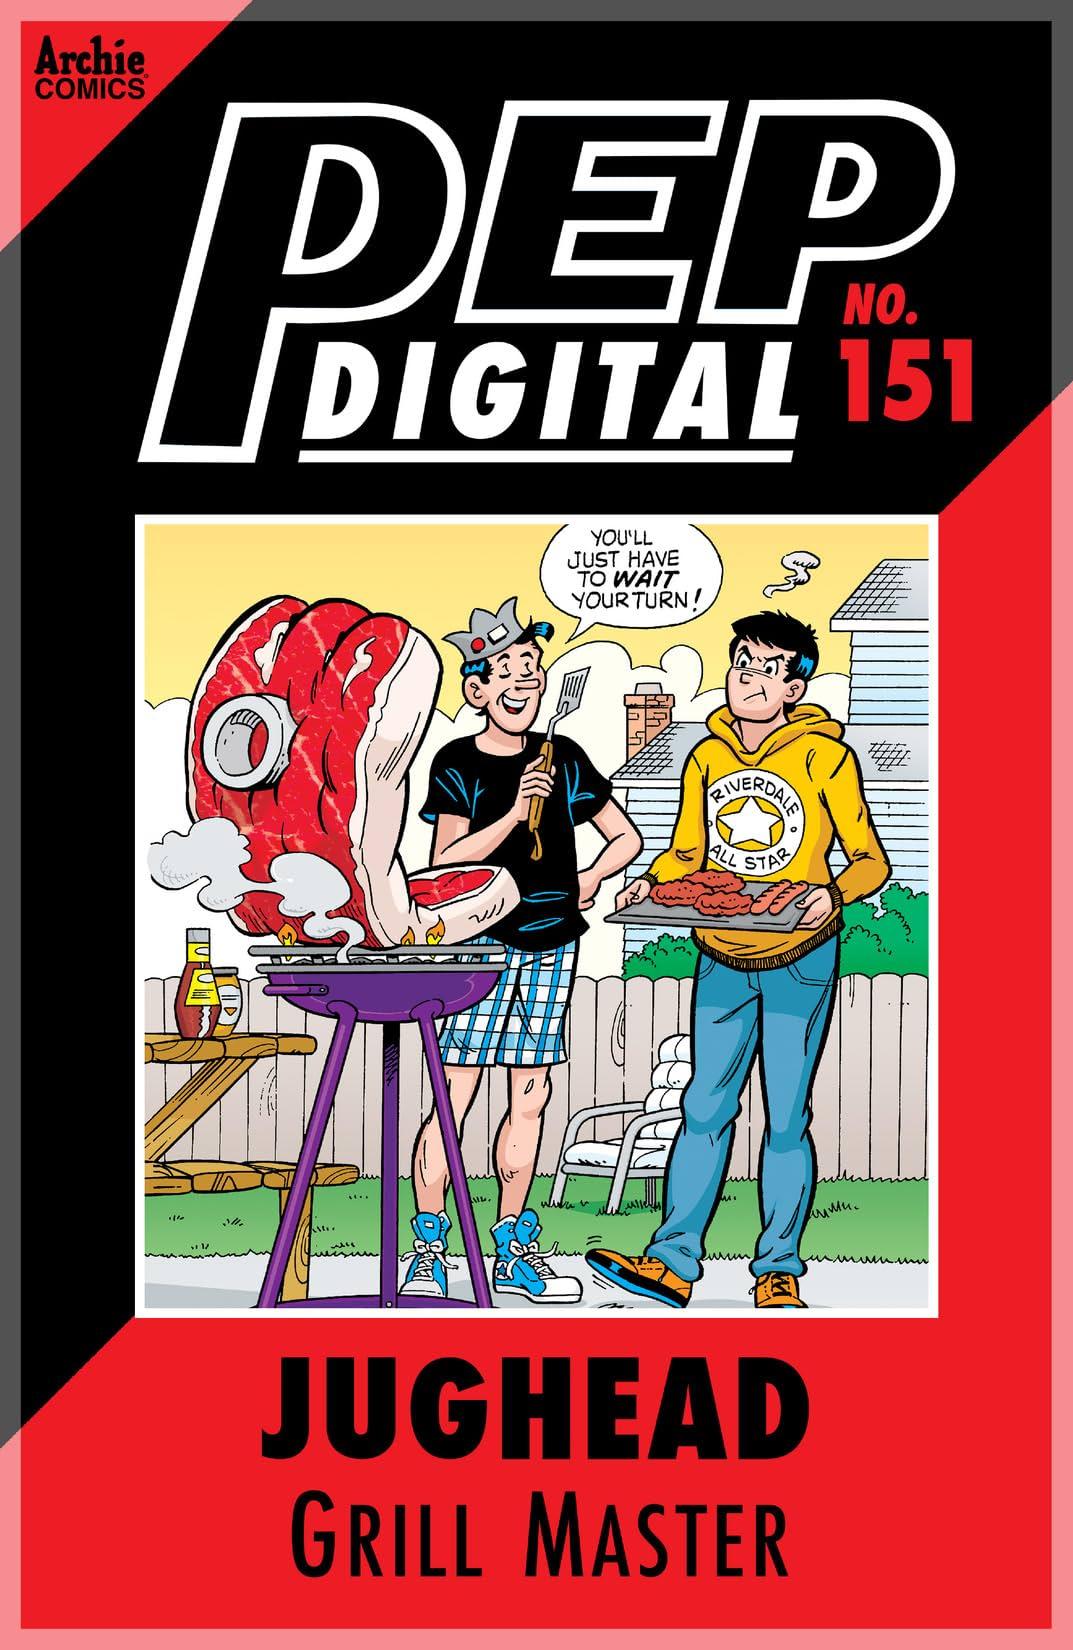 PEP Digital #151: Jughead Grill Master